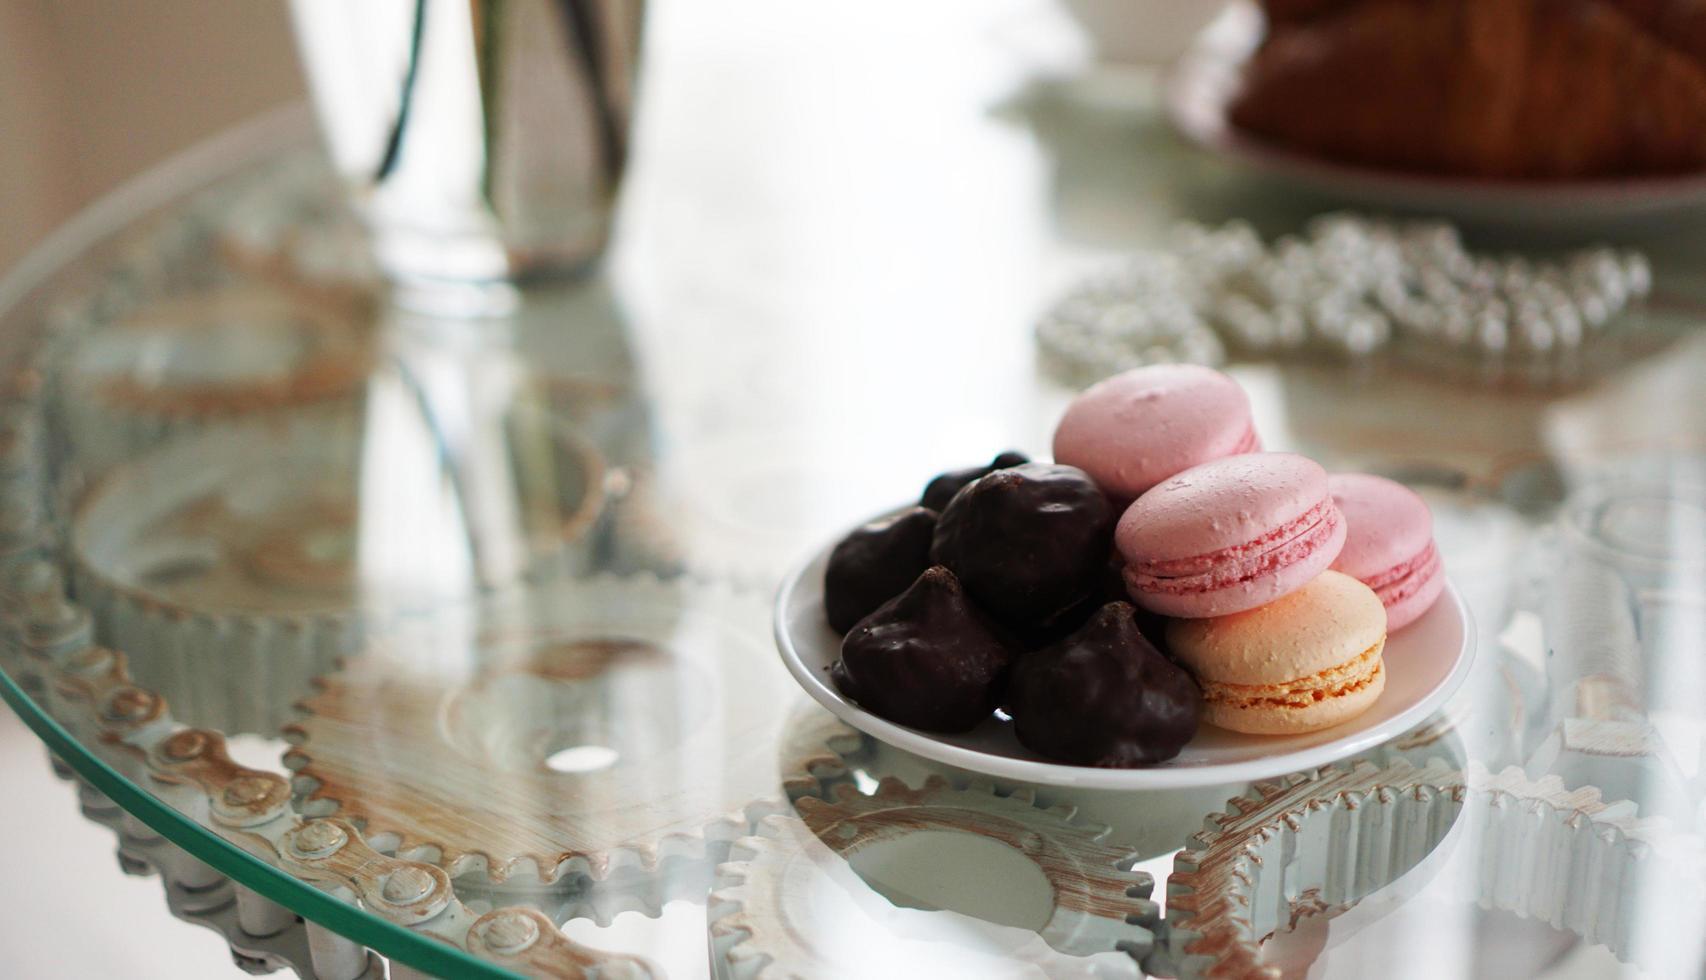 bitterkoekjes op een glazen tafel. snoepjes voor het ontbijt. foto